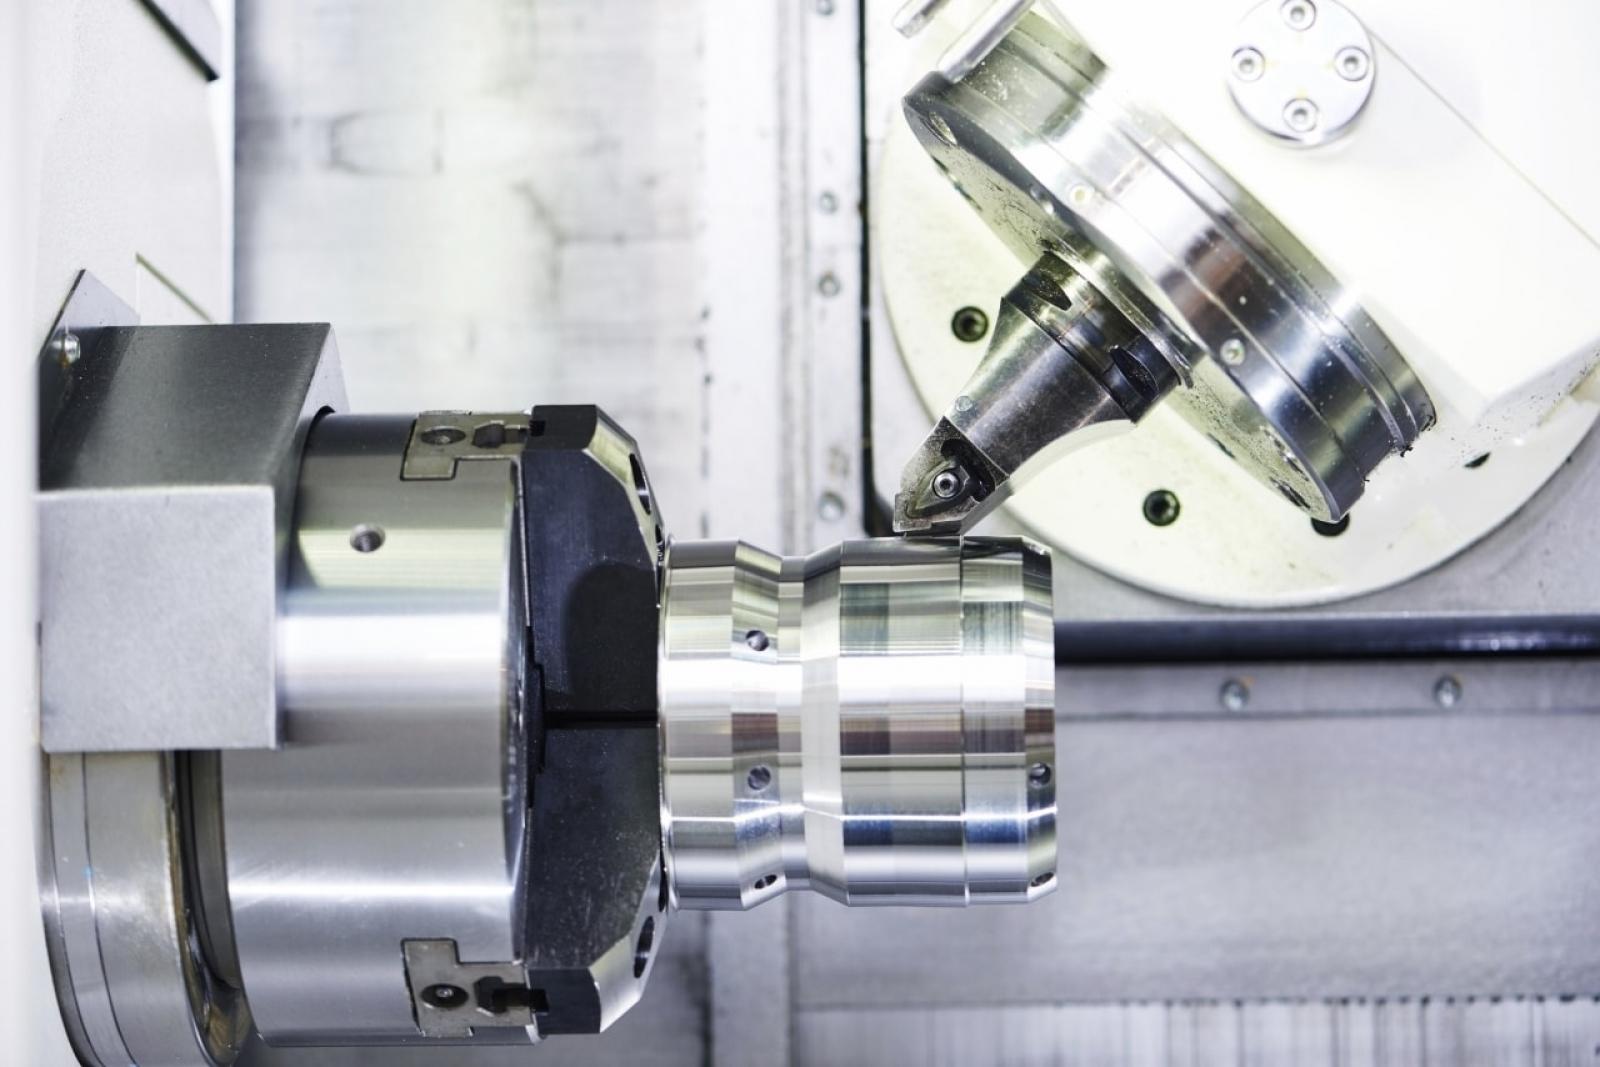 40 anni di esperienza nel settore metalmeccanico